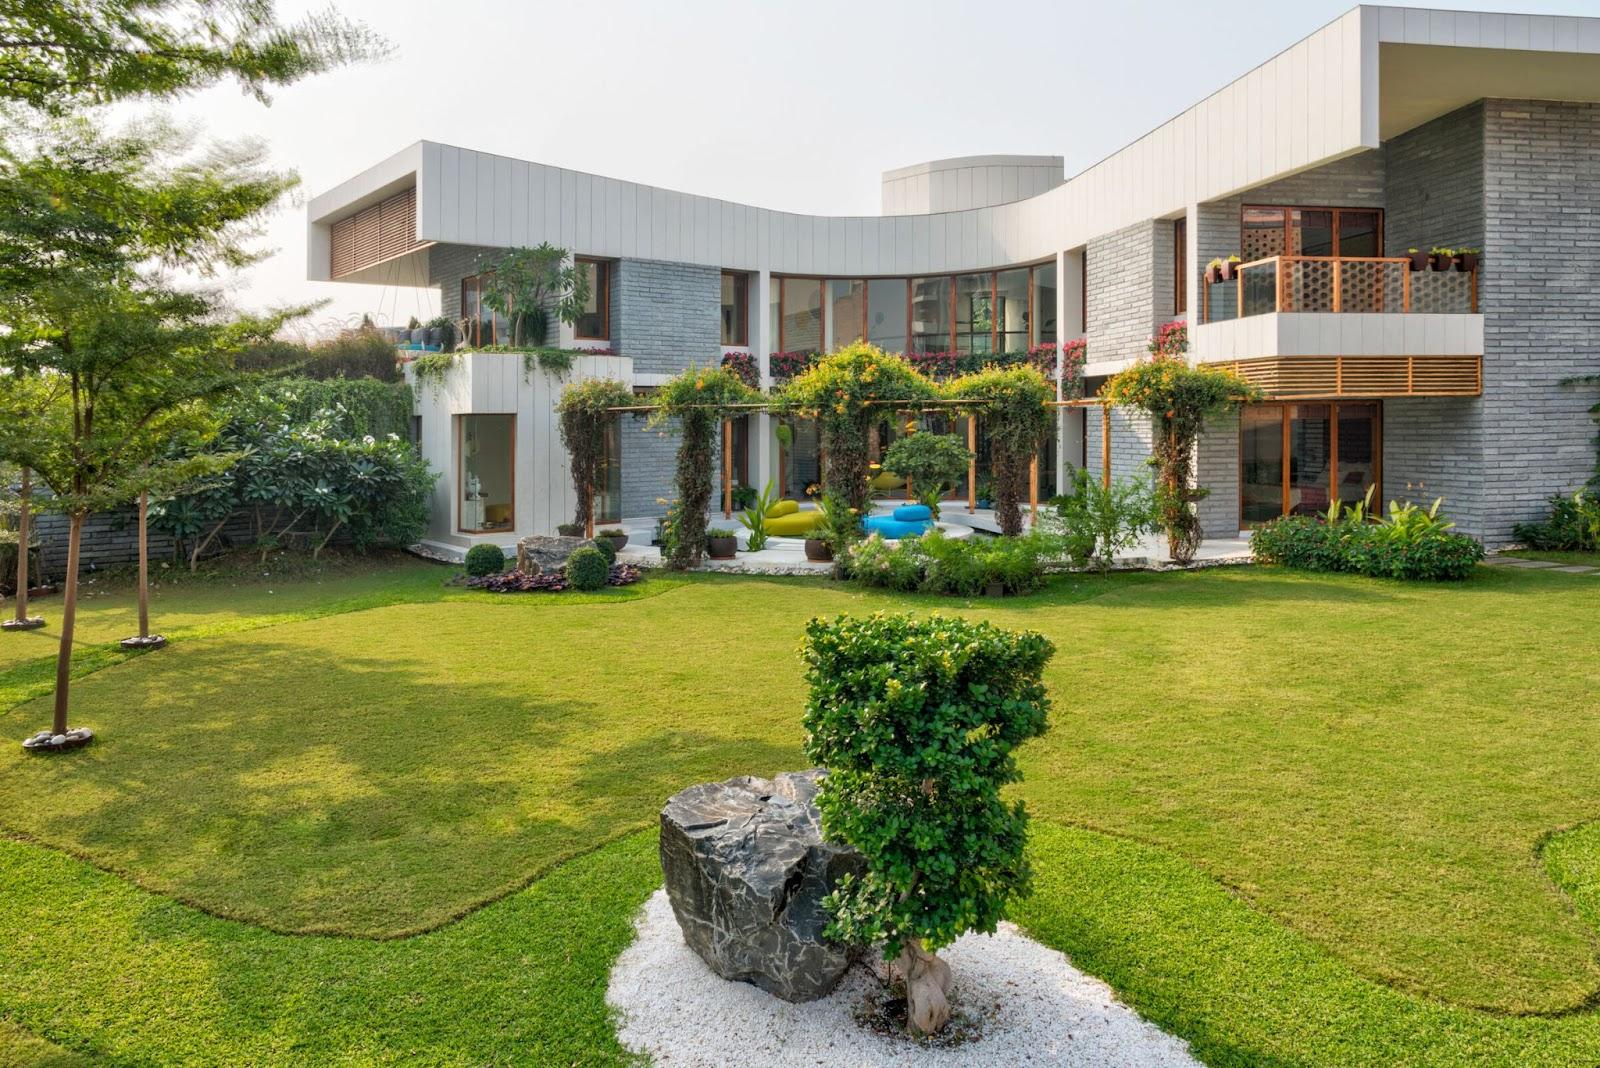 Ngôi nhà có mặt tiền tràn ngập sinh khí, ánh sáng tươi mới